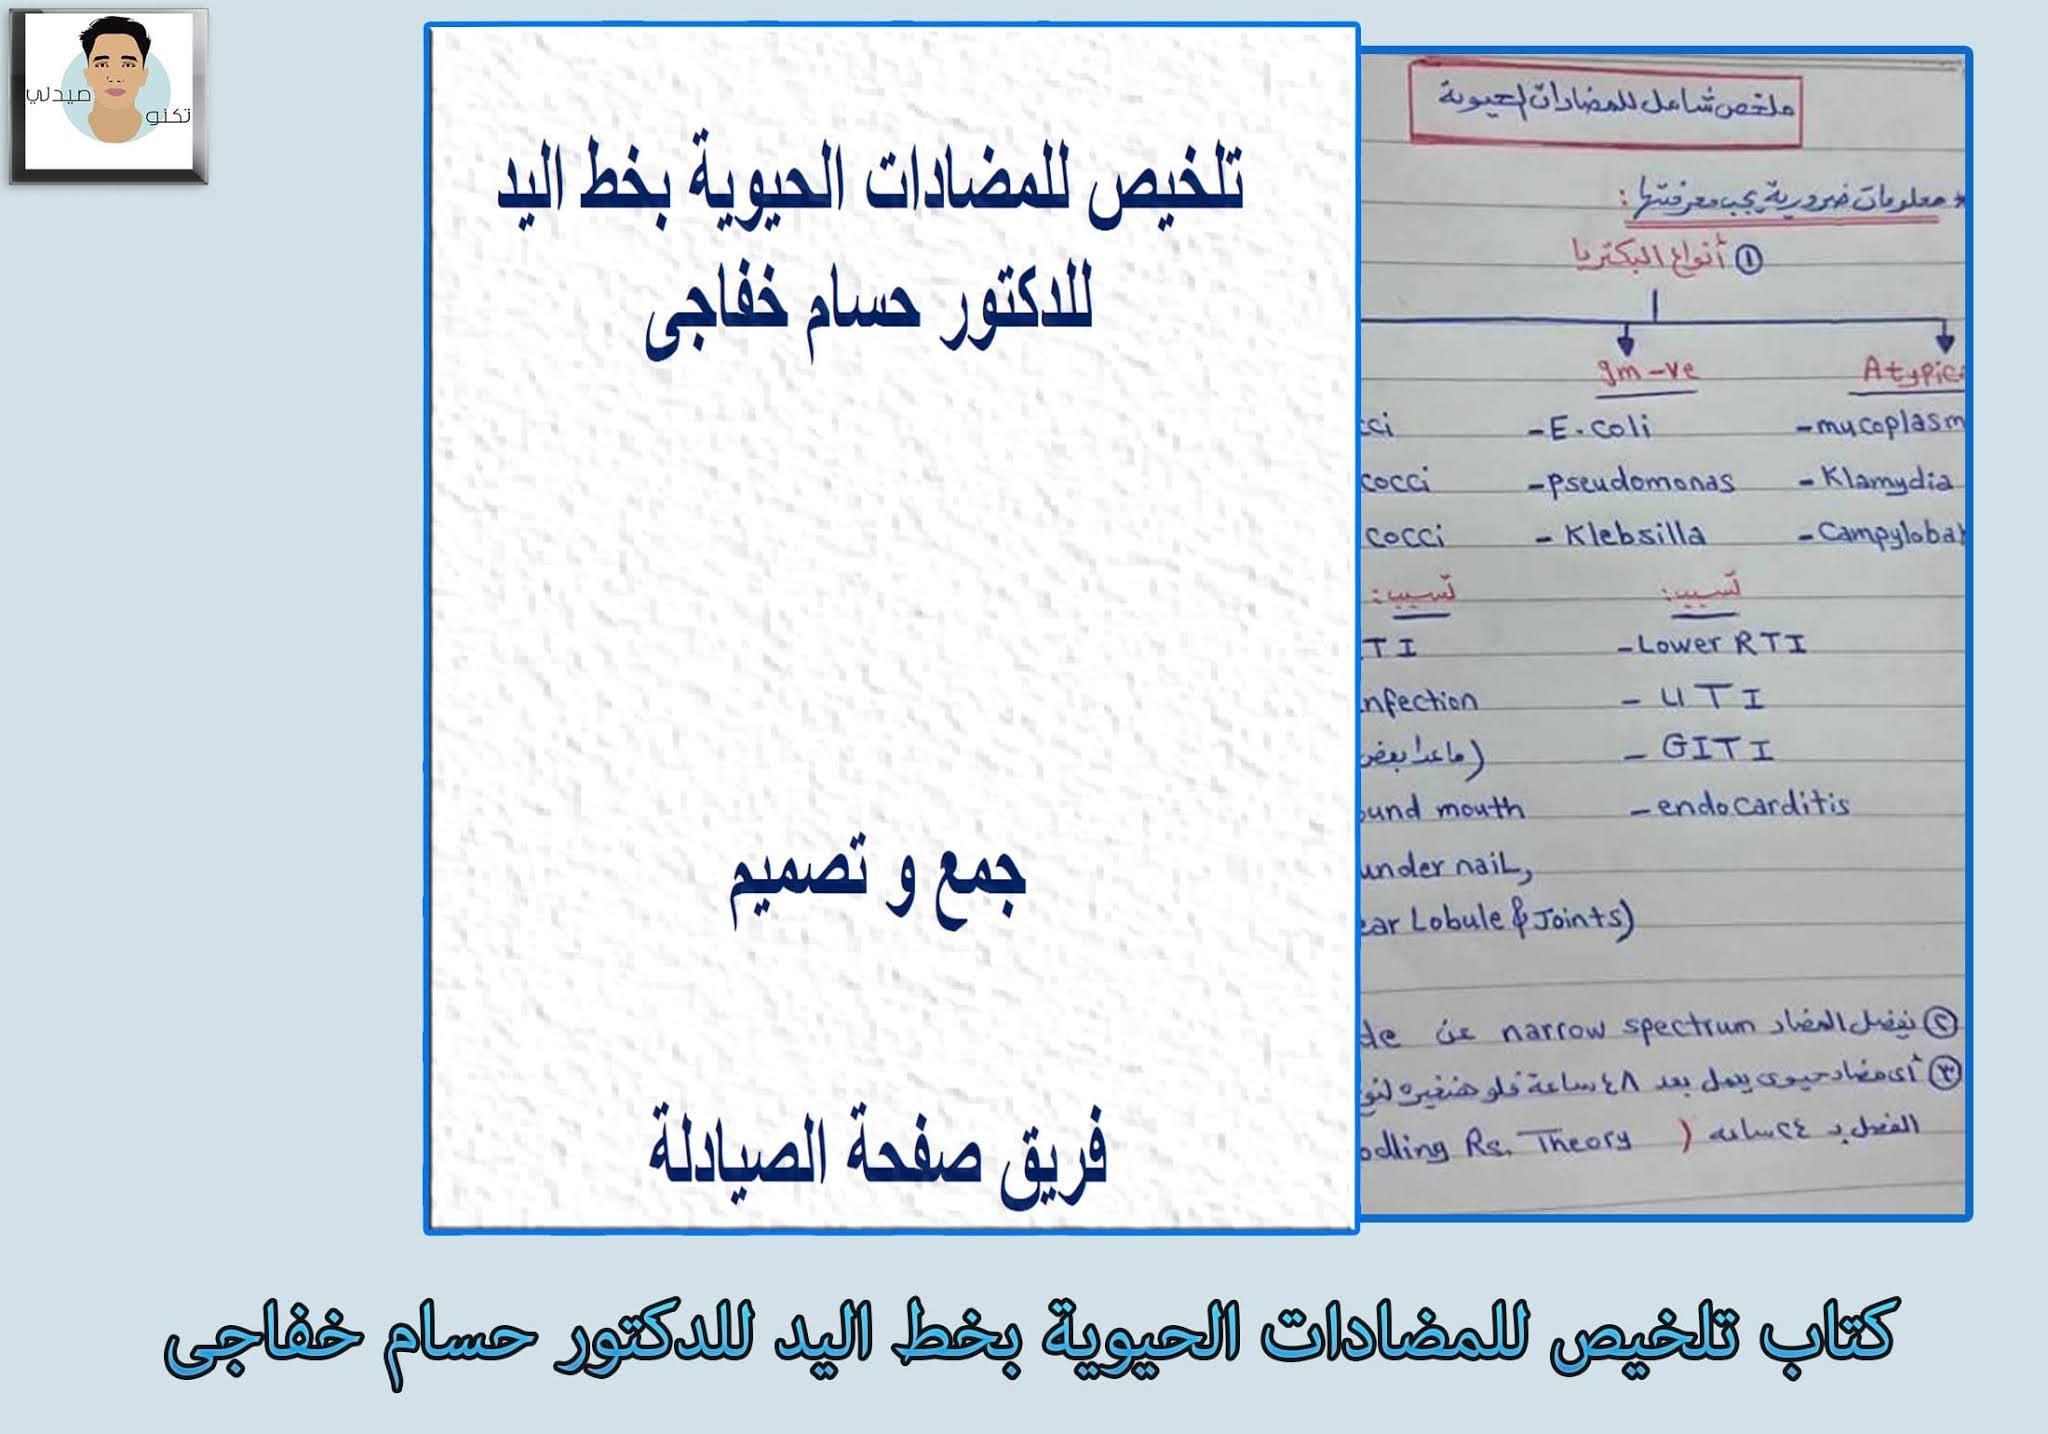 كتاب تلخيص للمضادات الحيوية بخط اليد للدكتور حسام خفاجى